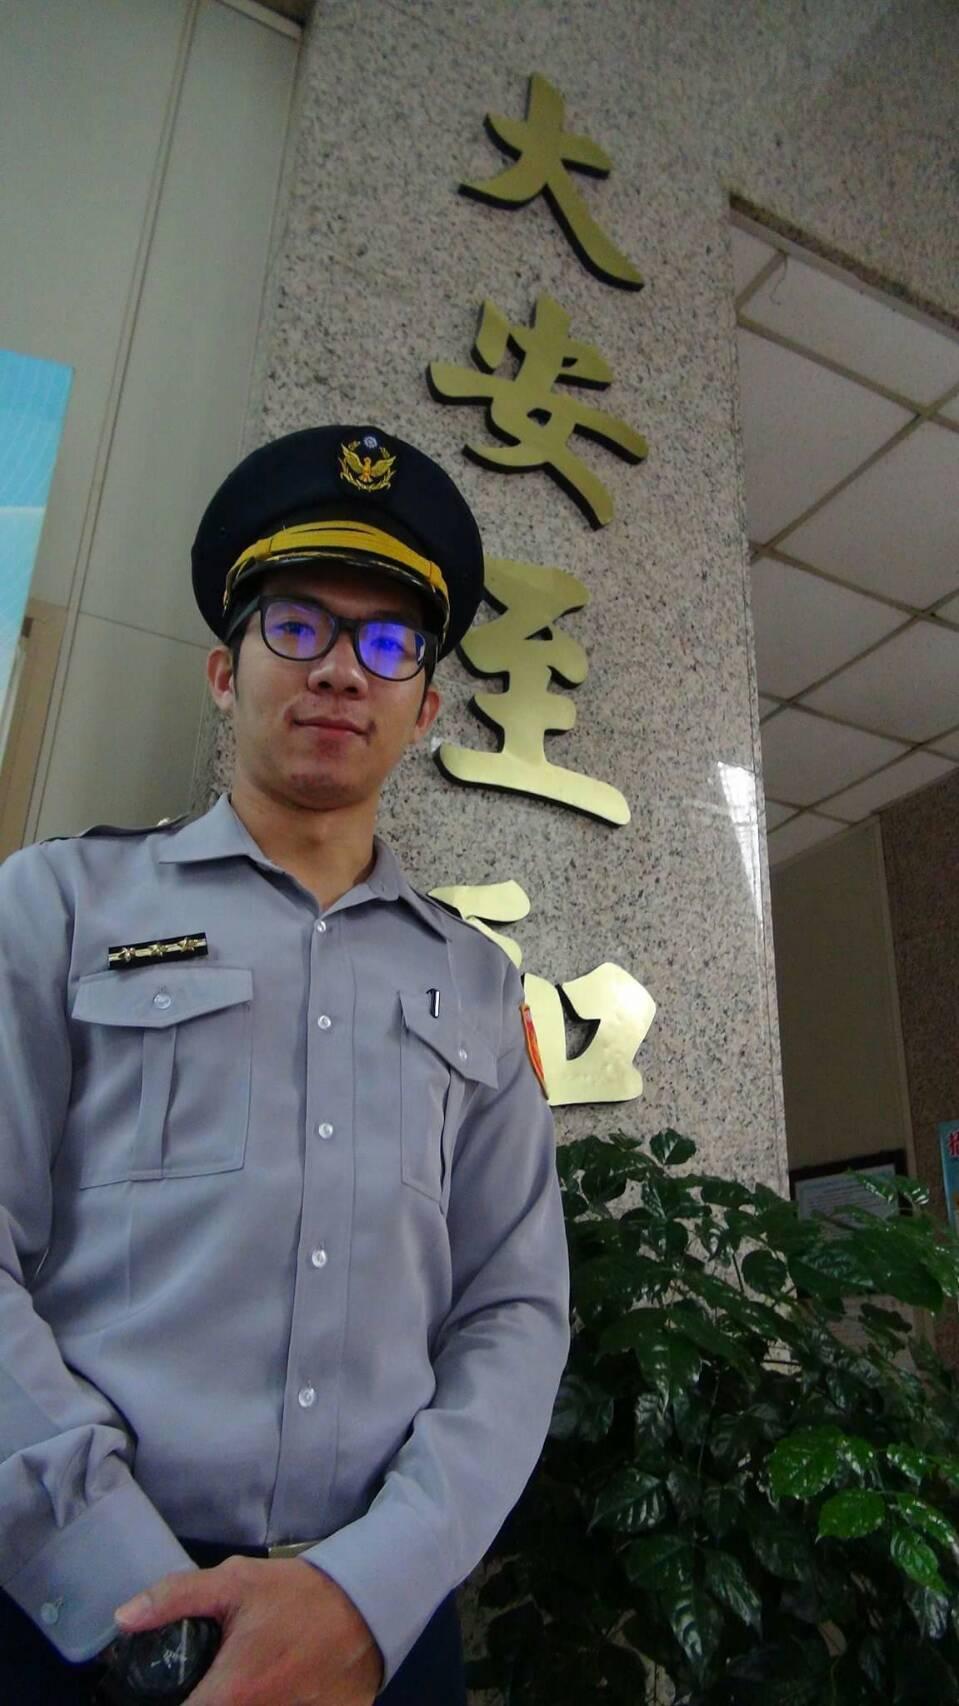 大安警分局警員曾柏雅。記者廖炳棋/翻攝